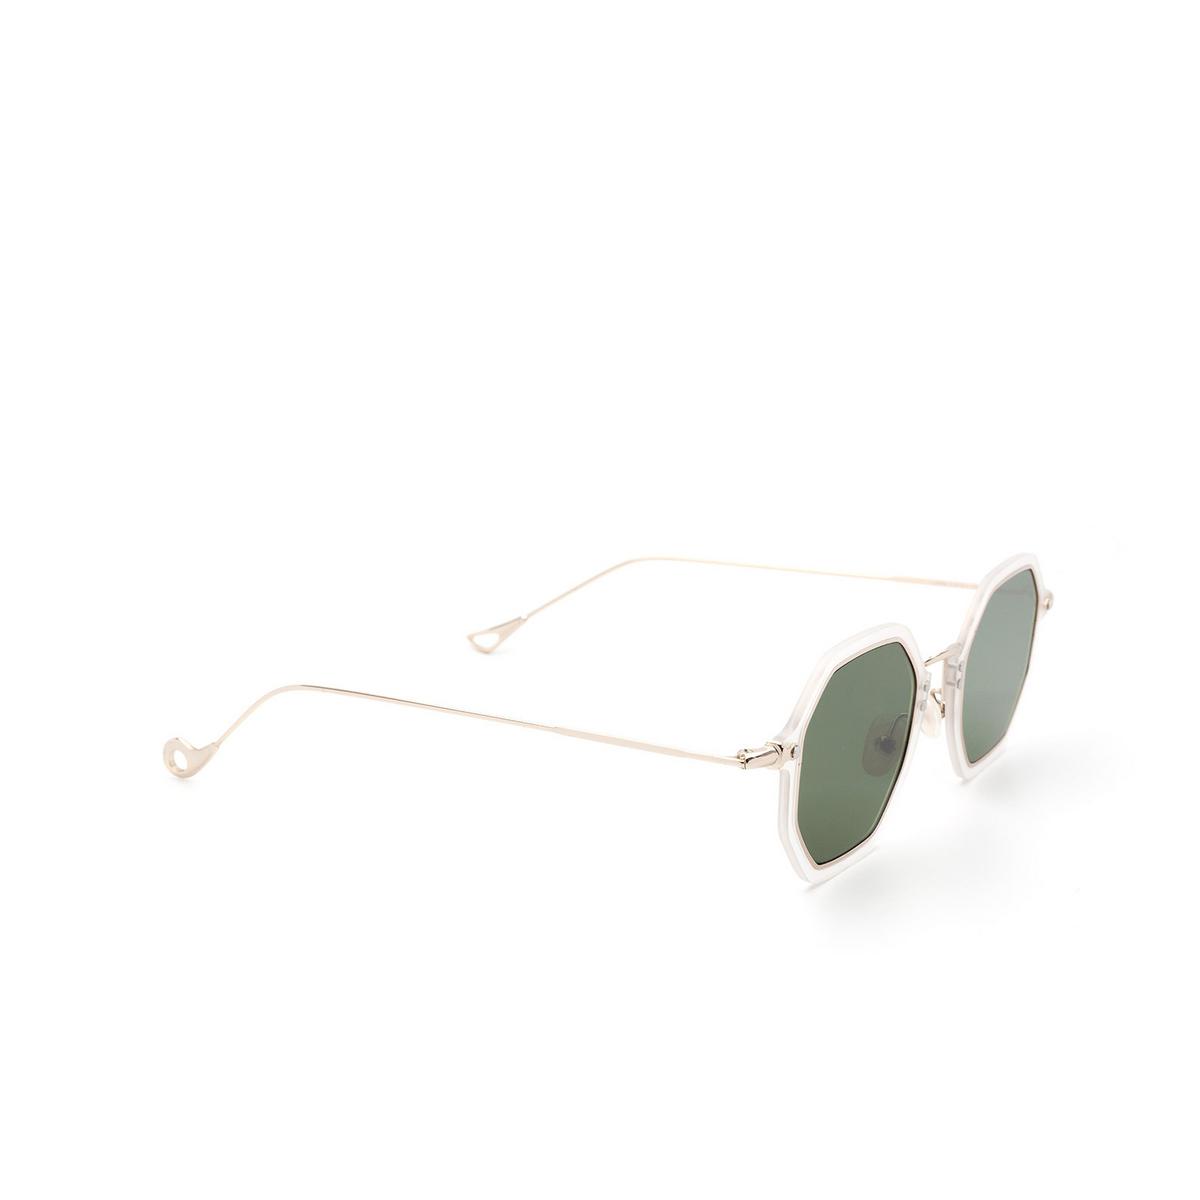 eyepetizer-lang-cf-2-1 (2)